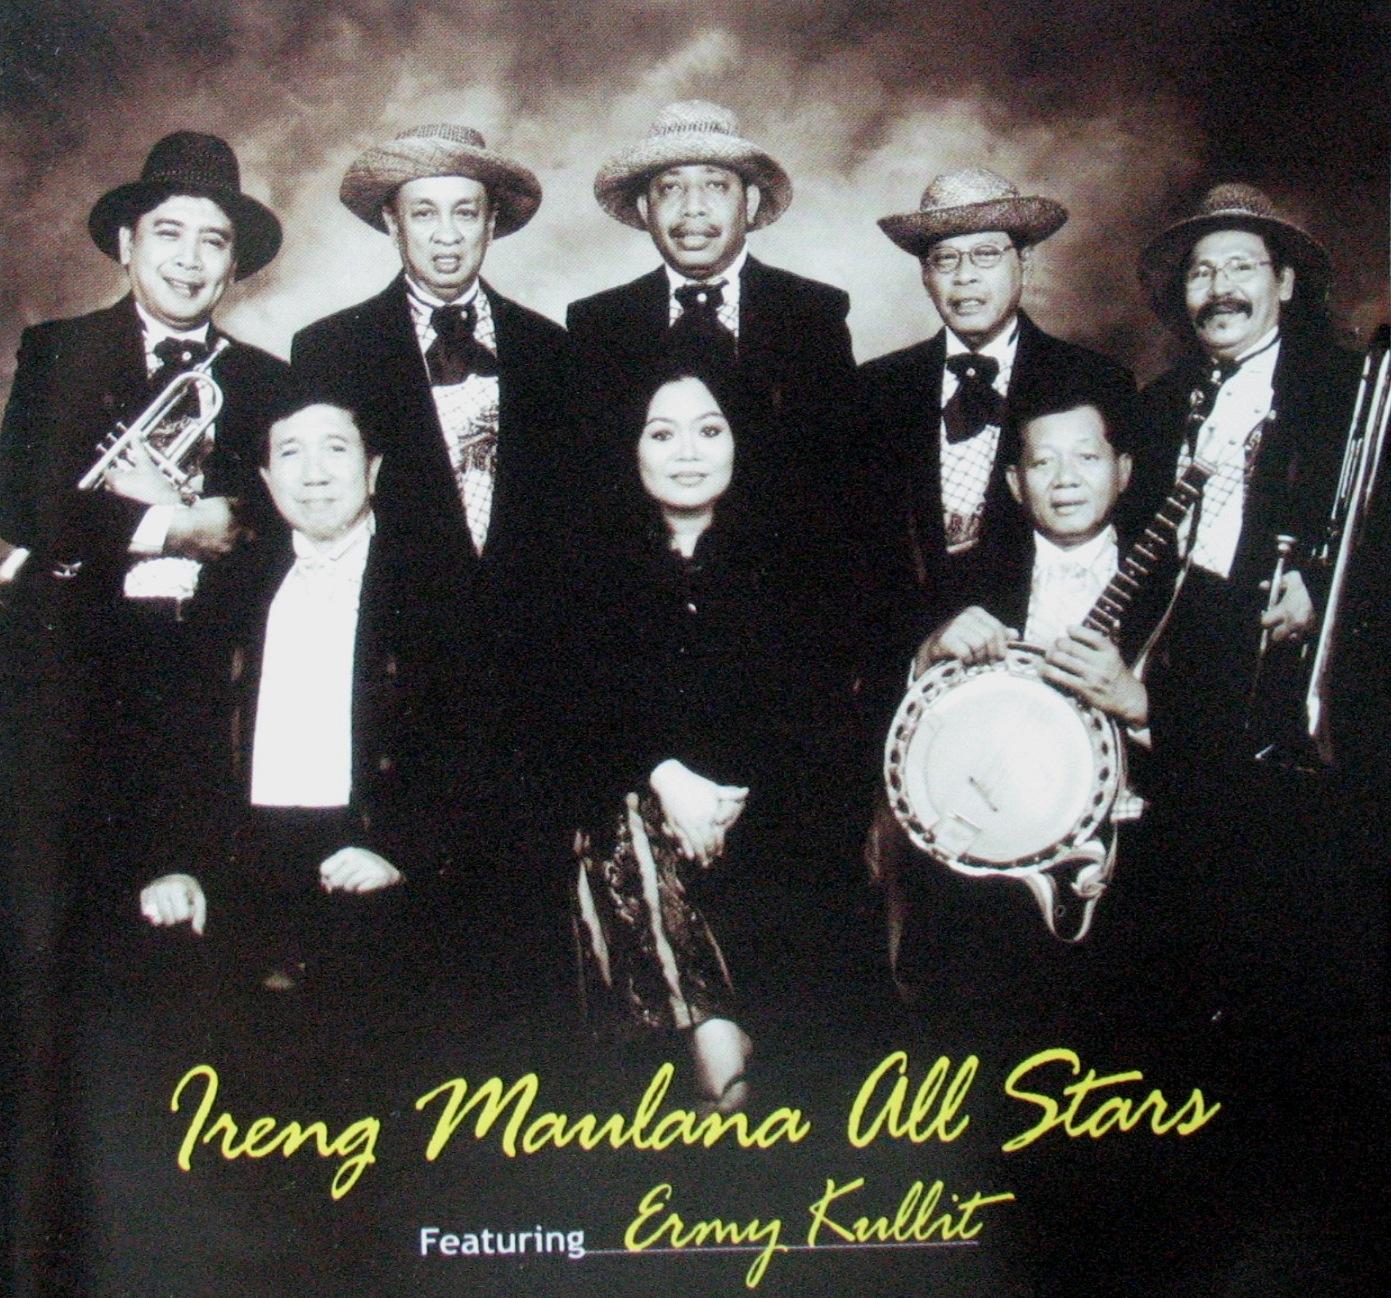 Ireng Maulana All Stars | foto Idfl.me